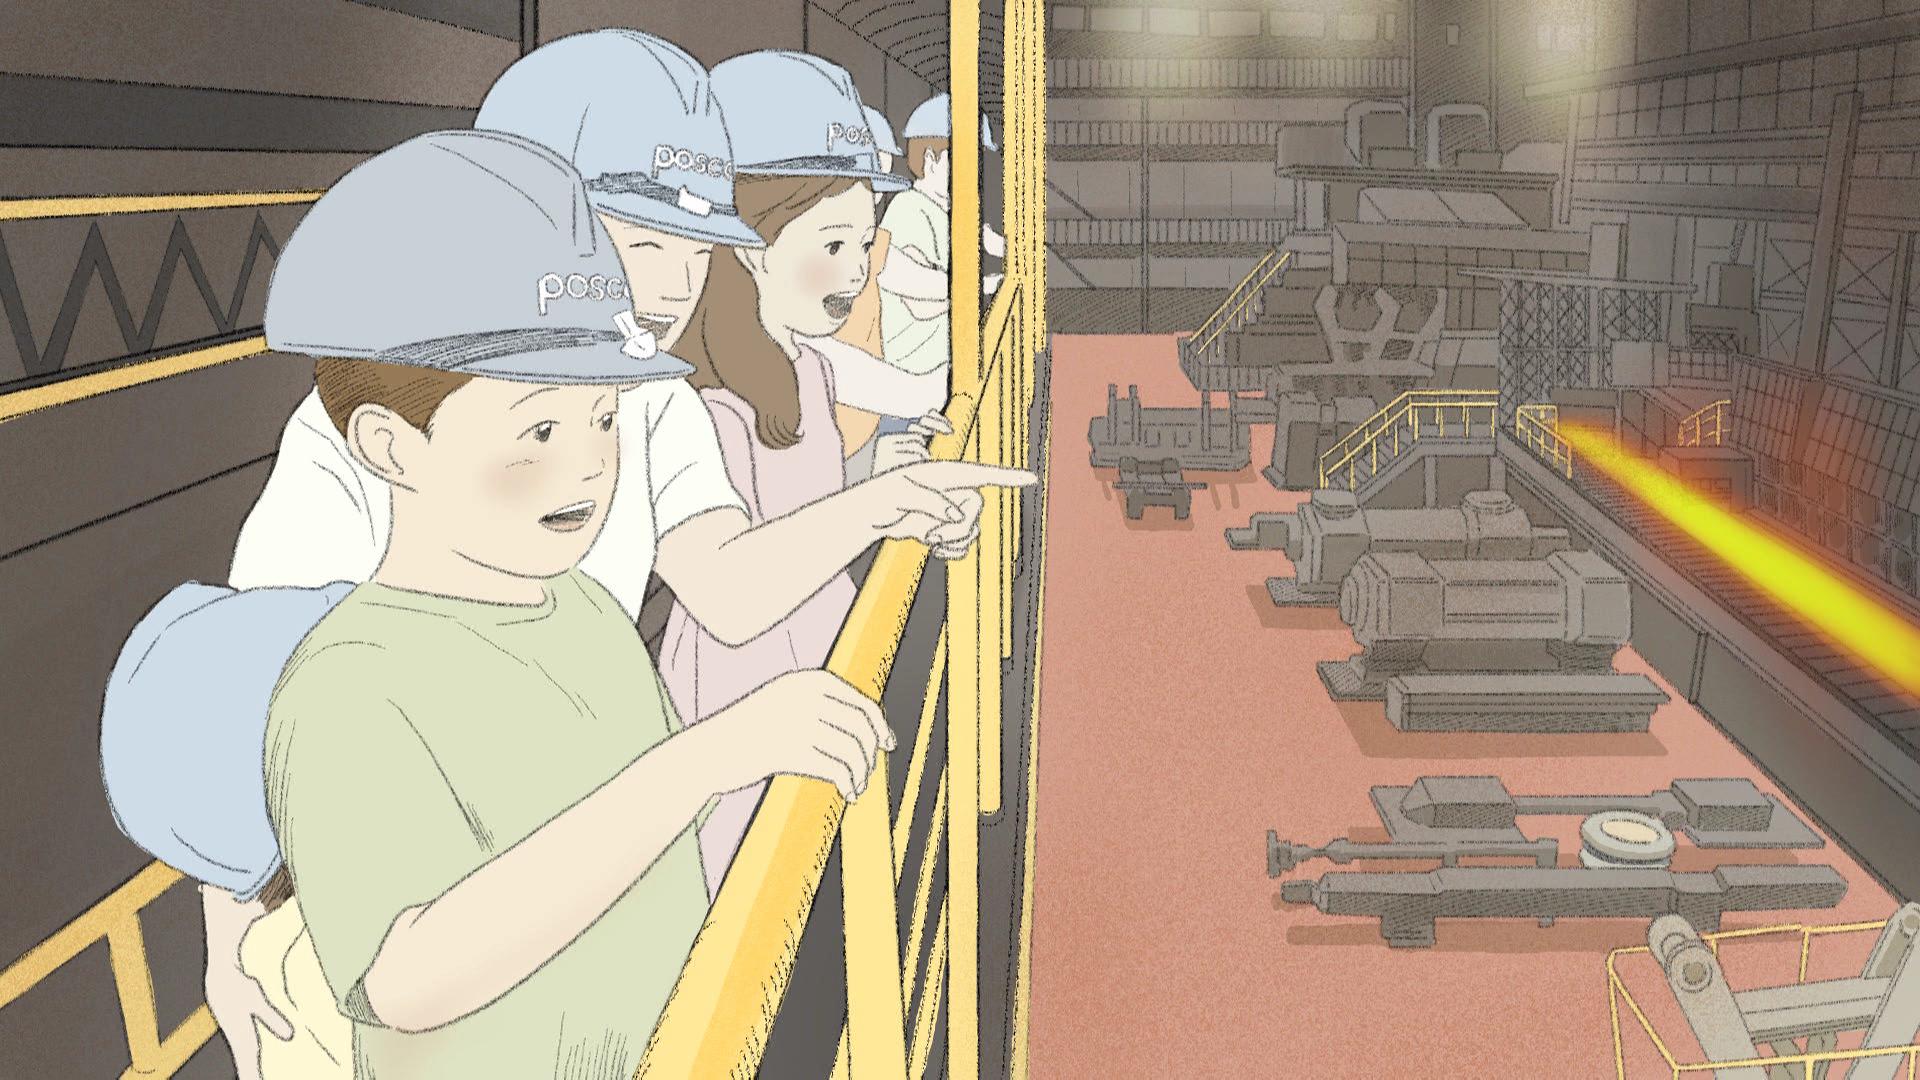 중학교 3학년 당시 포항제철소로 견학와서 용광로를 구경하는 서지원 사원과 신망애원 원생들 회상도